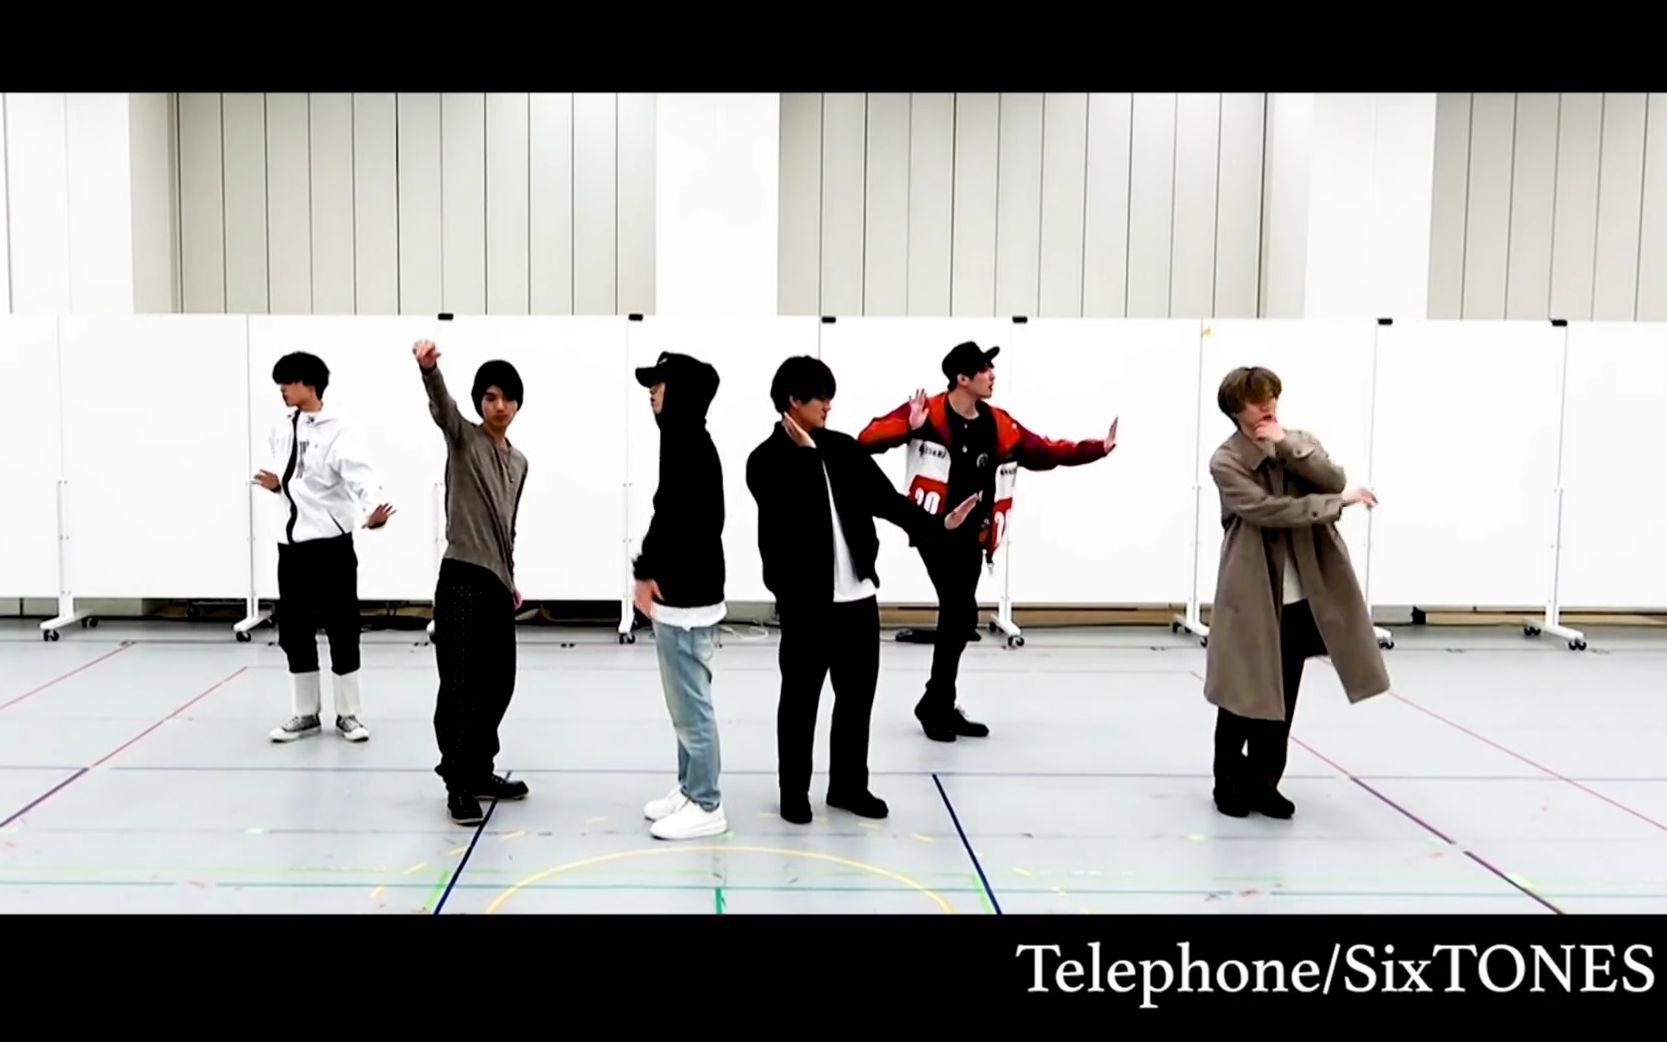 sixtones telephone